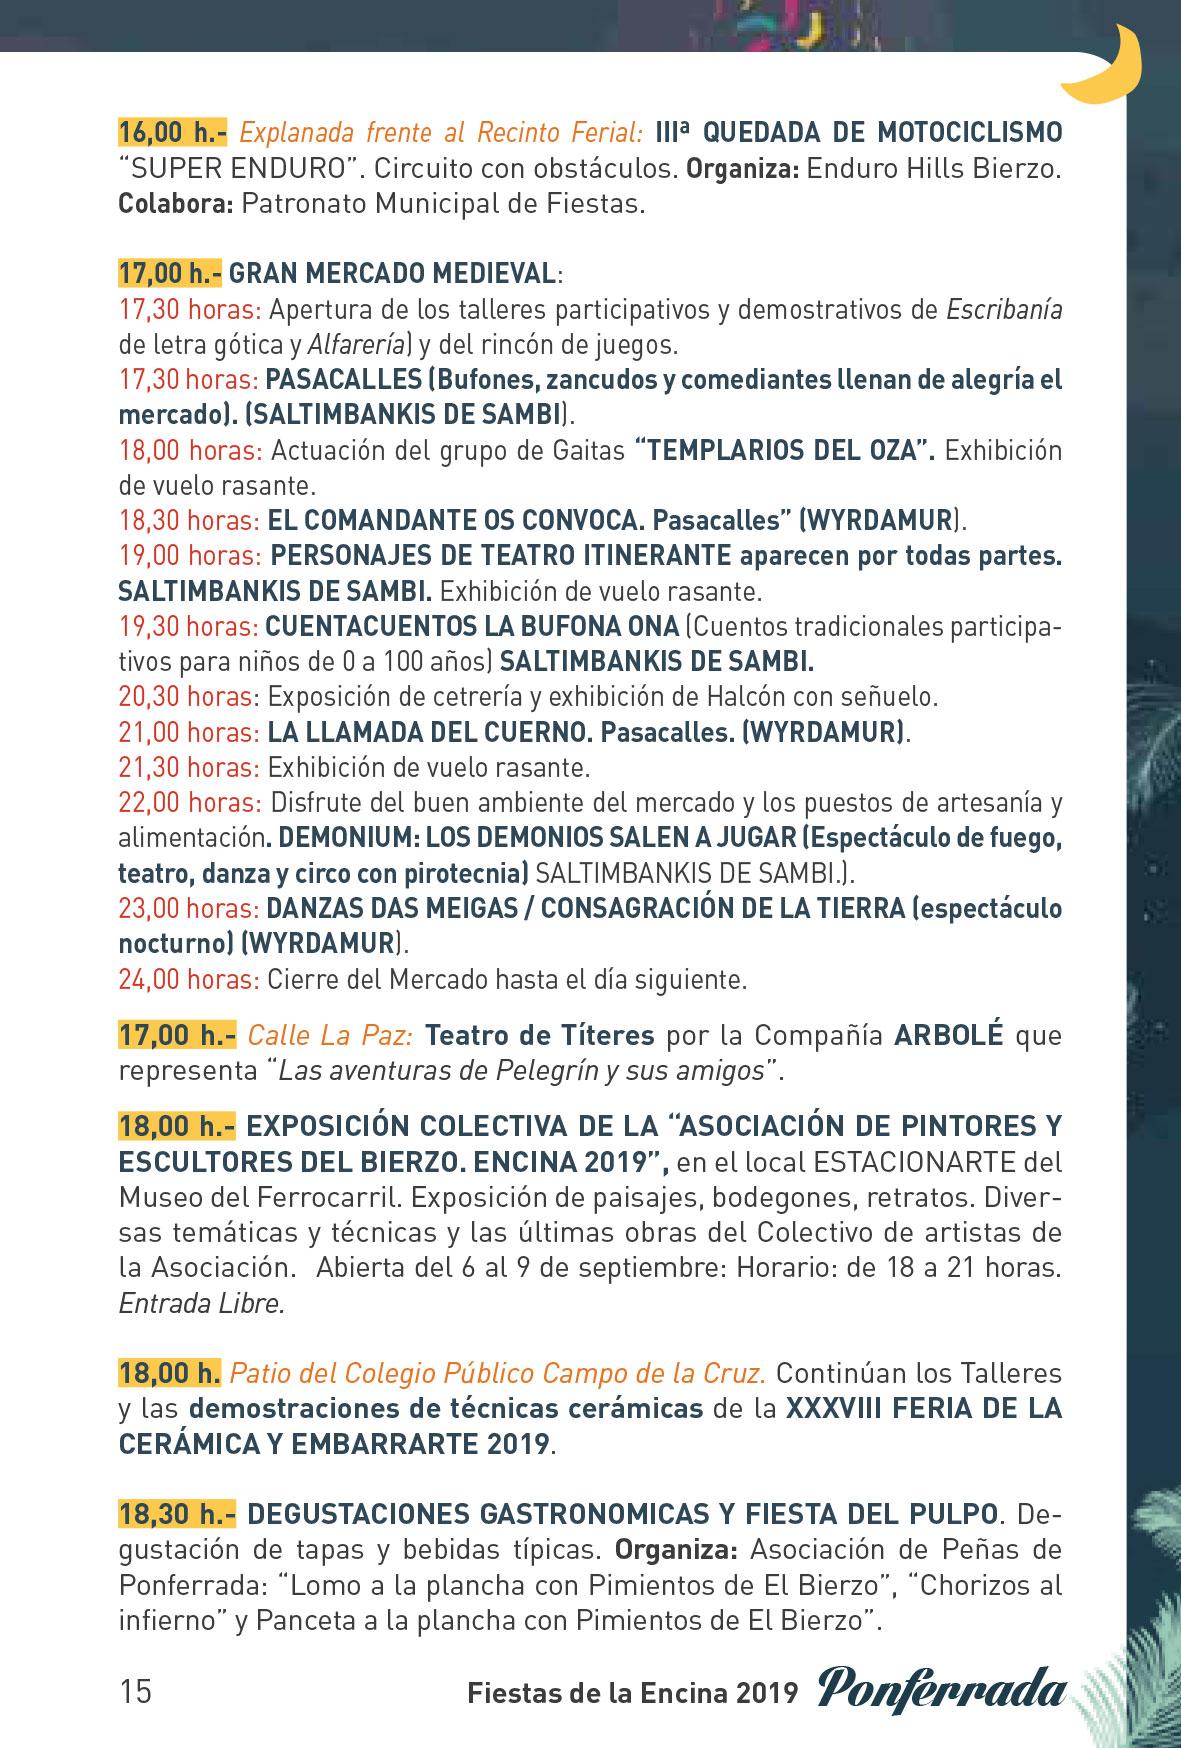 Fiestas de la Encina 2019. Programa y actividades 15